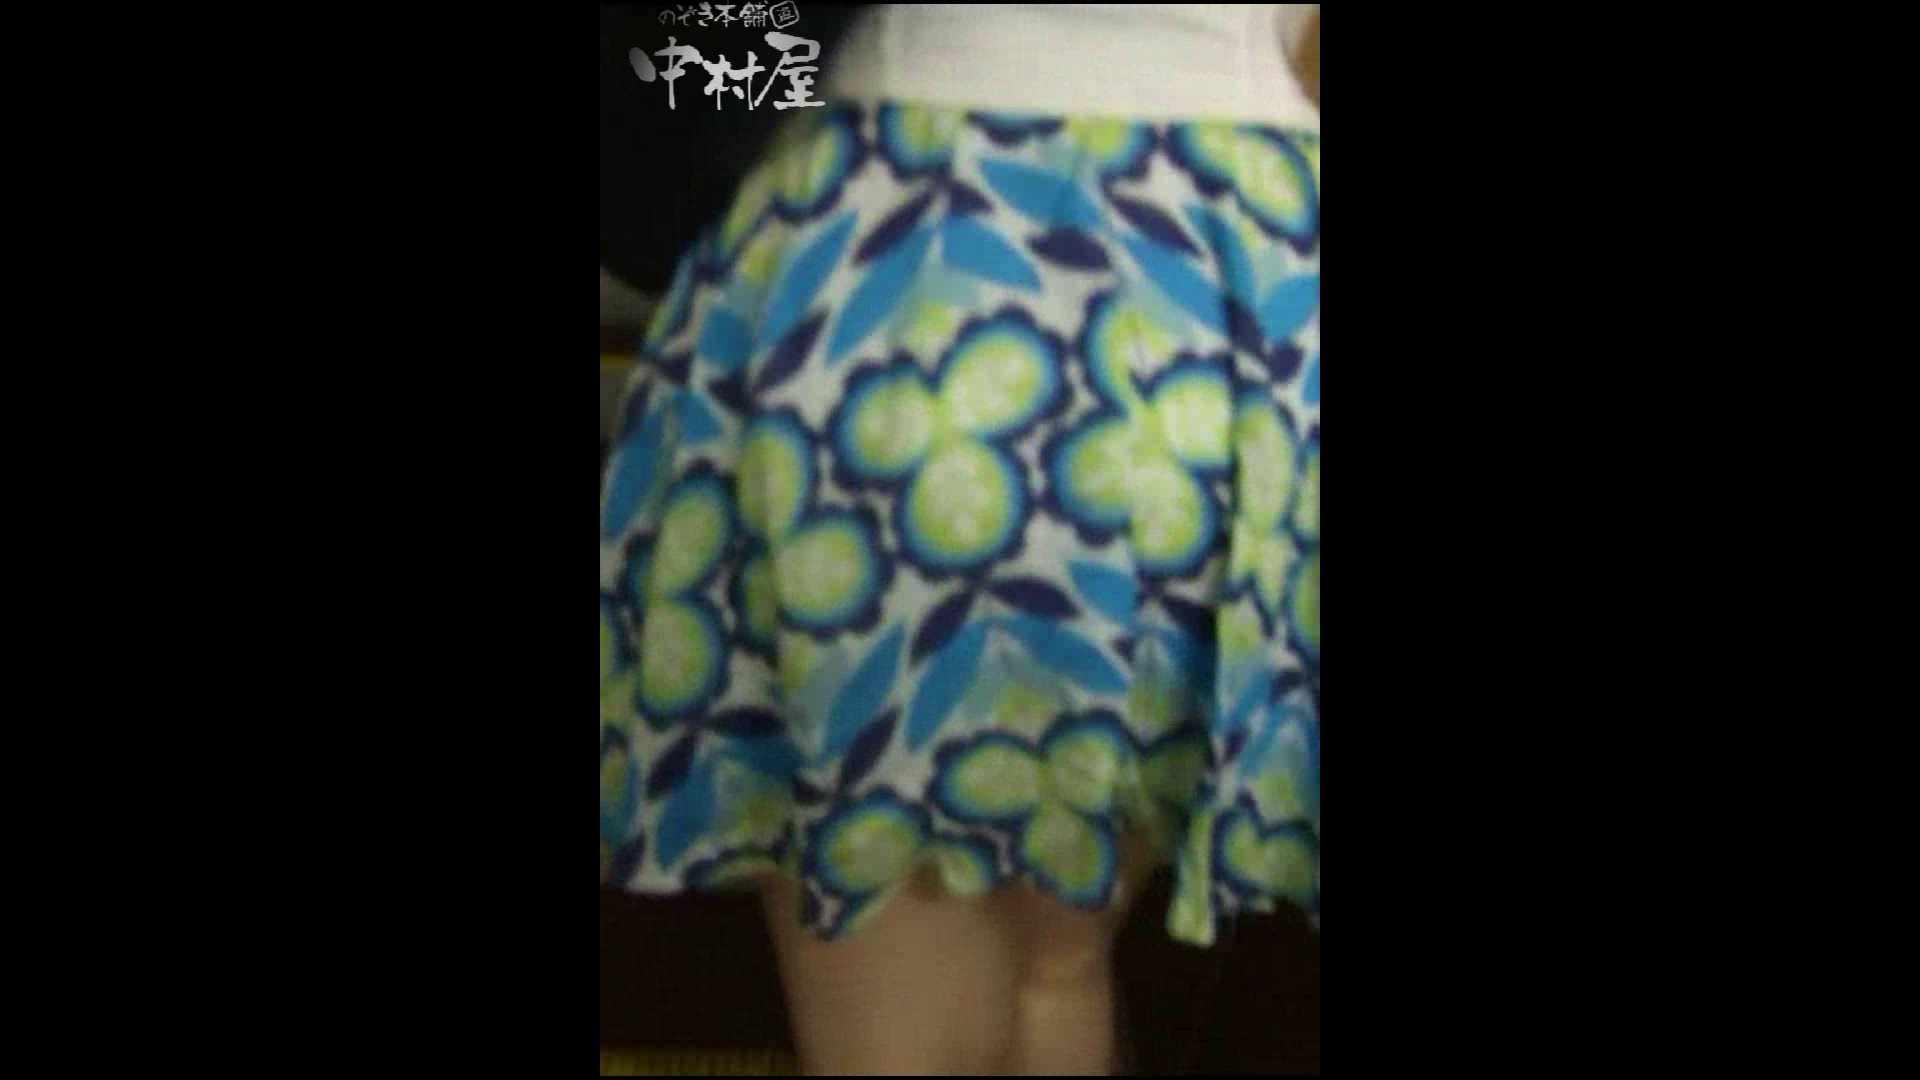 綺麗なモデルさんのスカート捲っちゃおう‼ vol07 OLのエロ生活   モデルのエロ生活  66連発 55